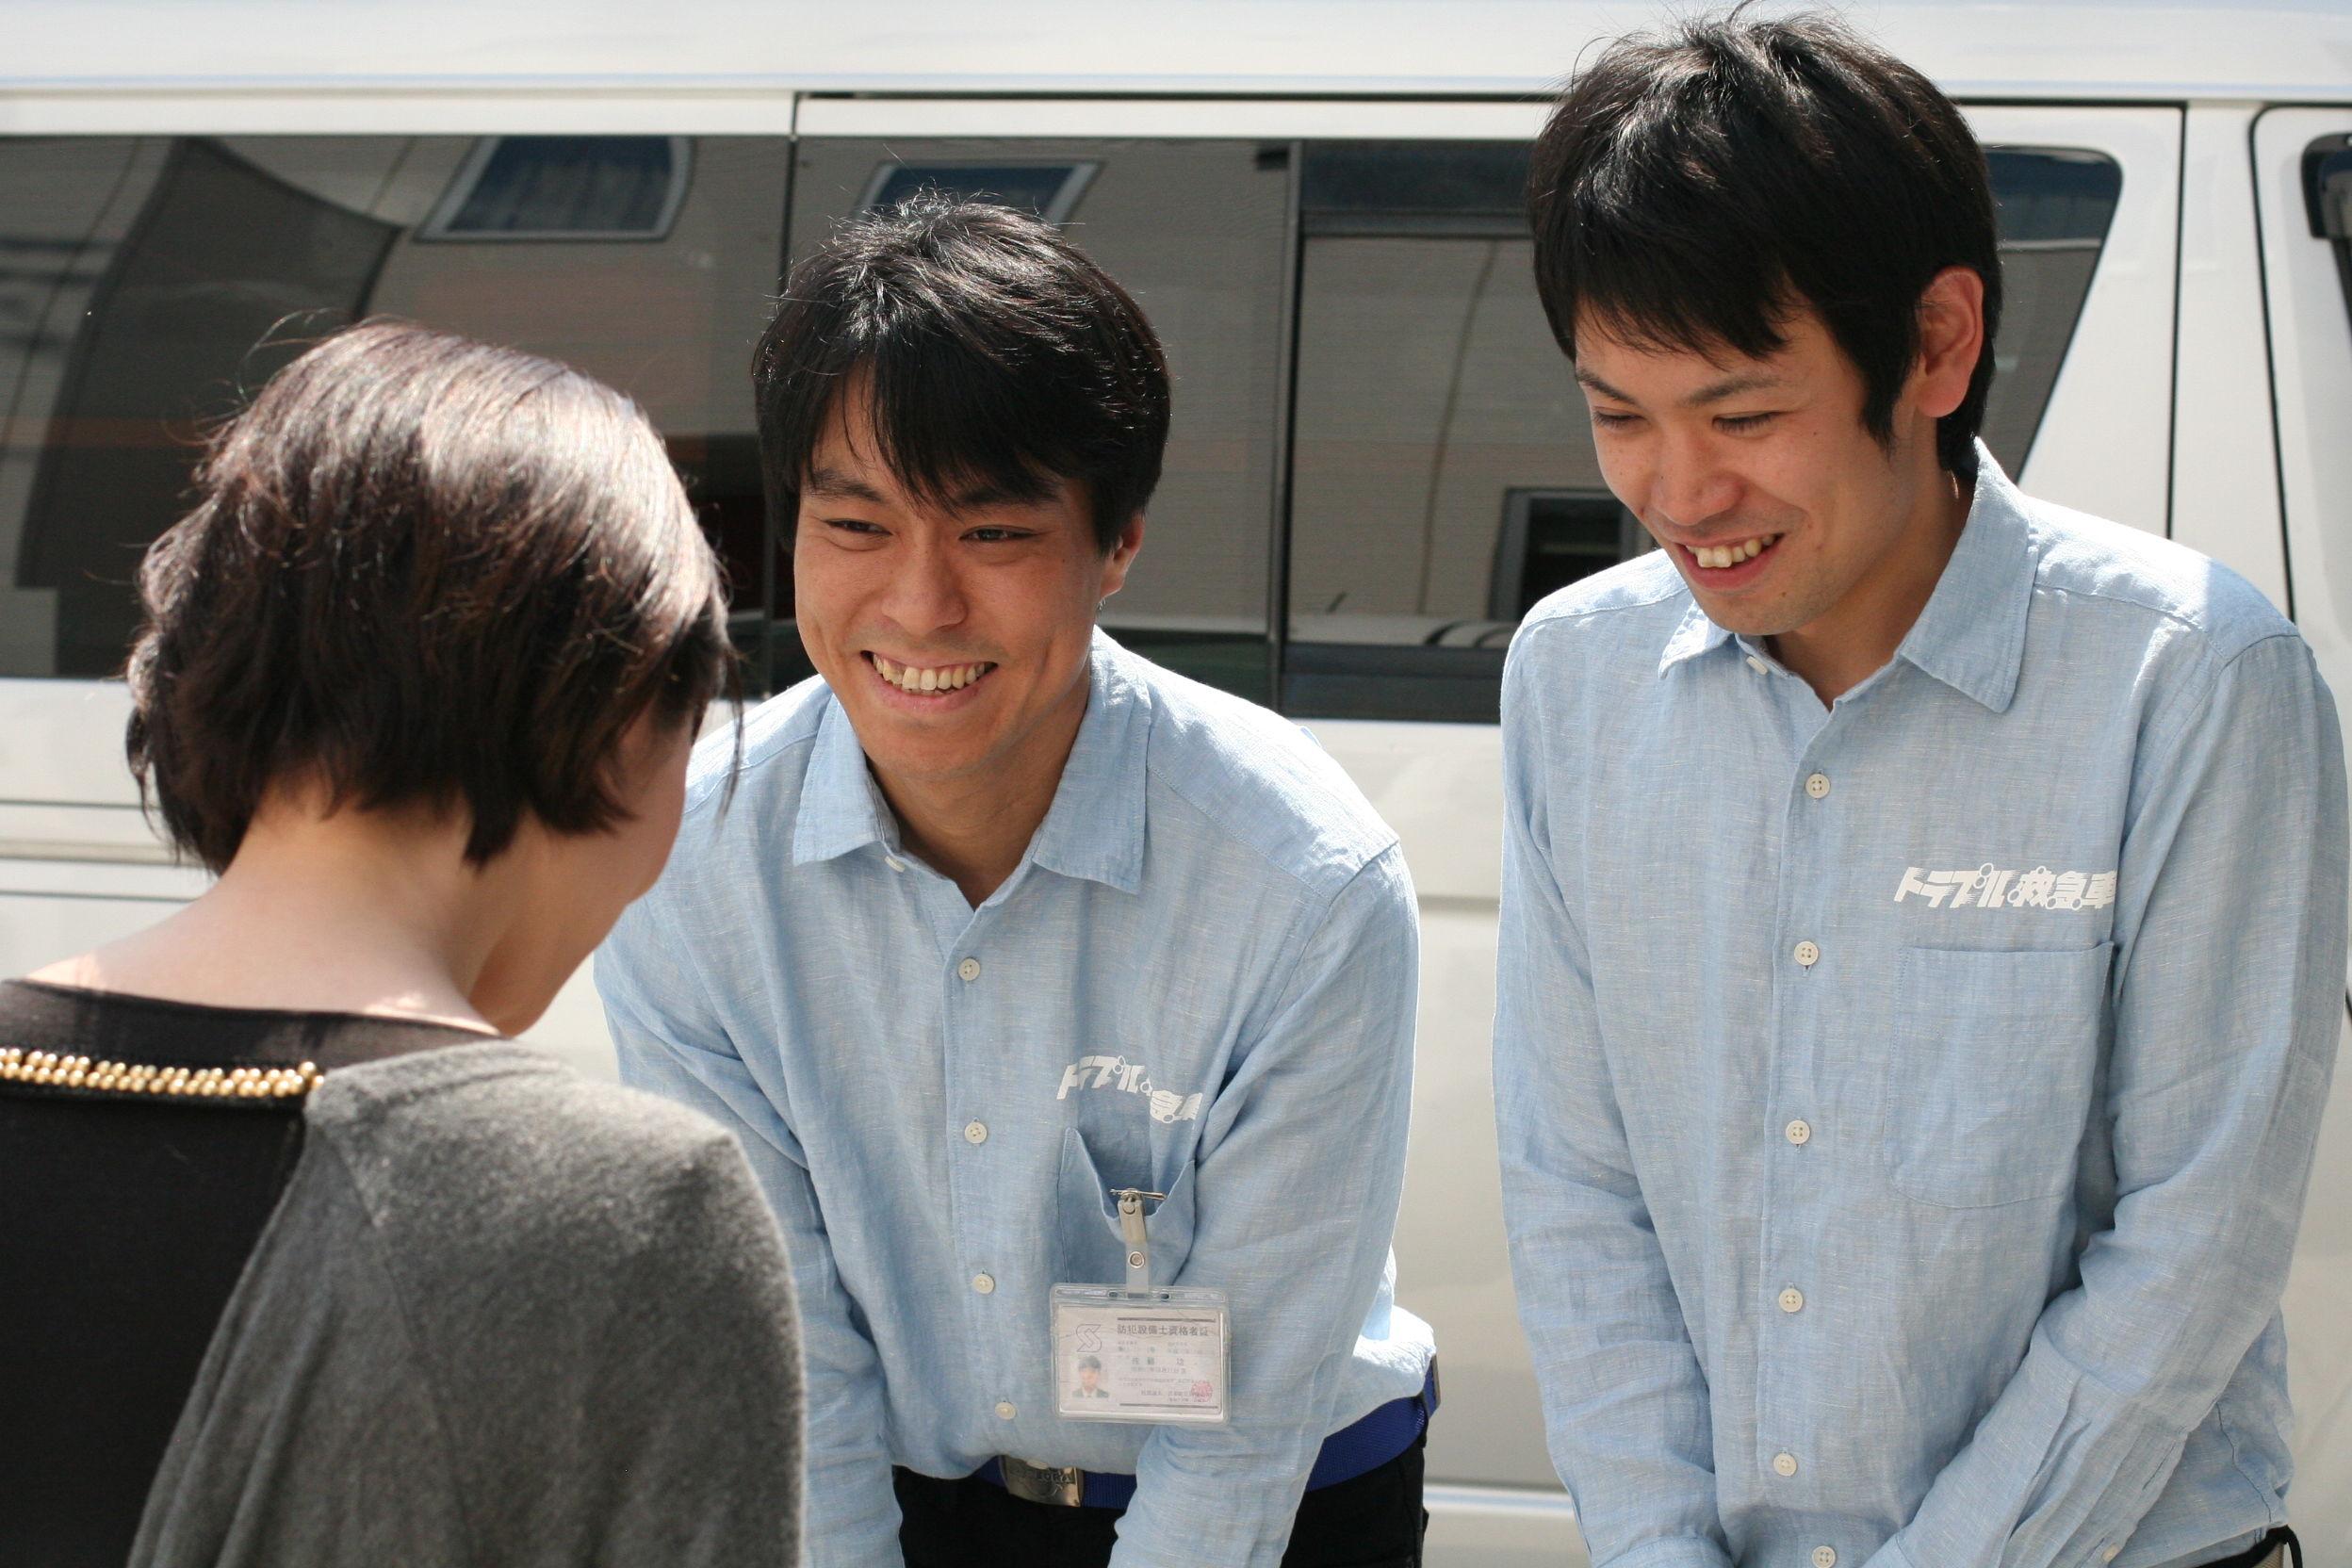 鍵のトラブル救急車【広島市西区 出張エリア】のアピールポイント1